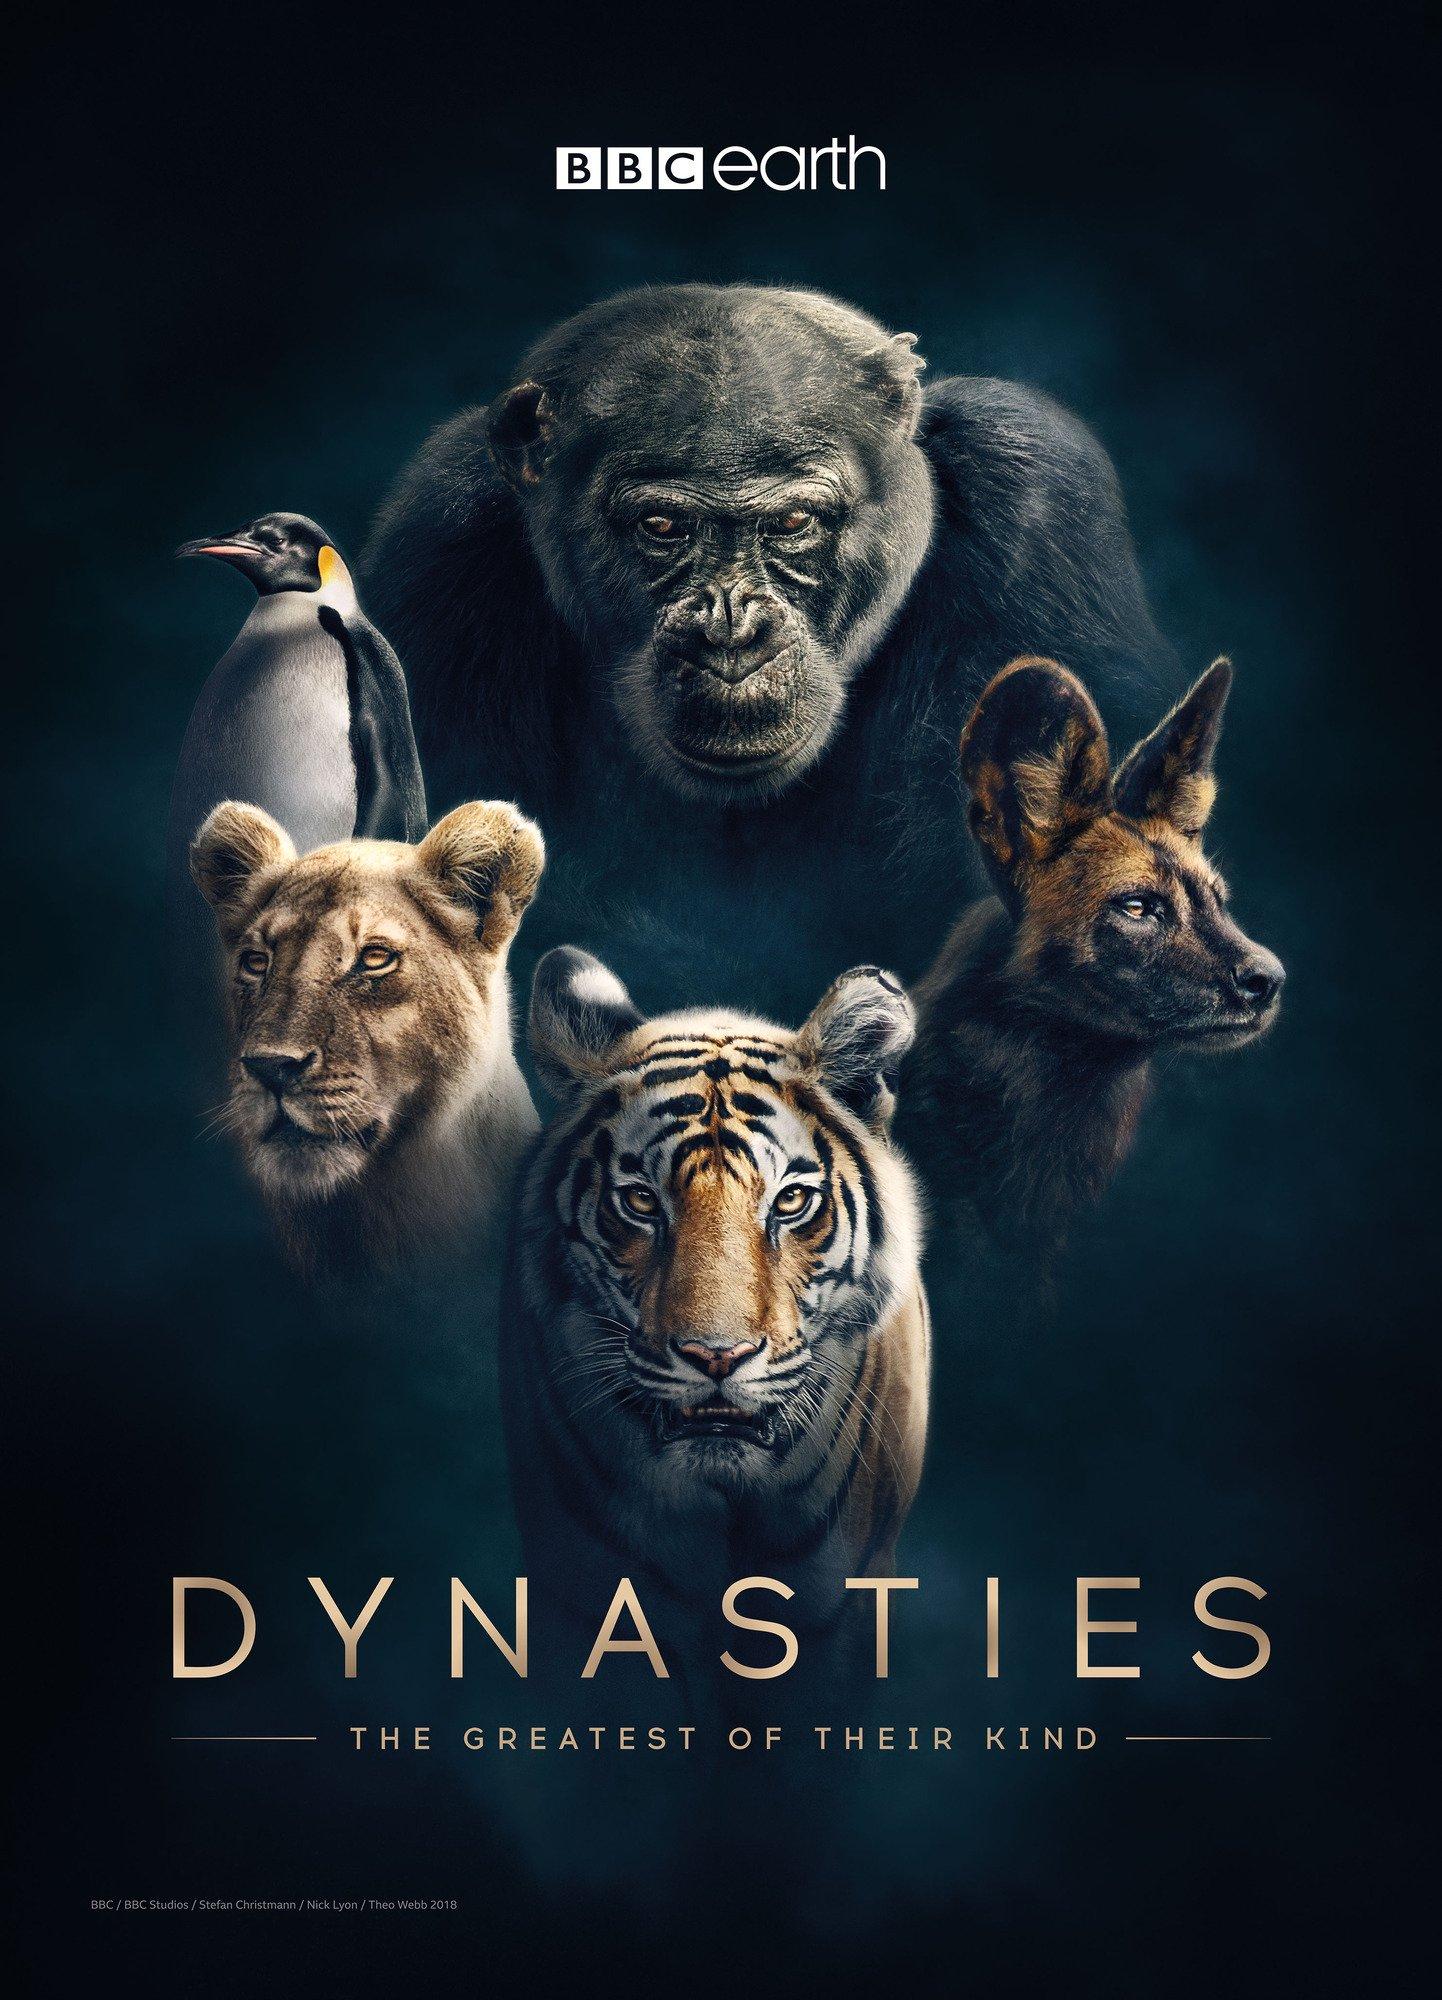 Династии - Dynasties